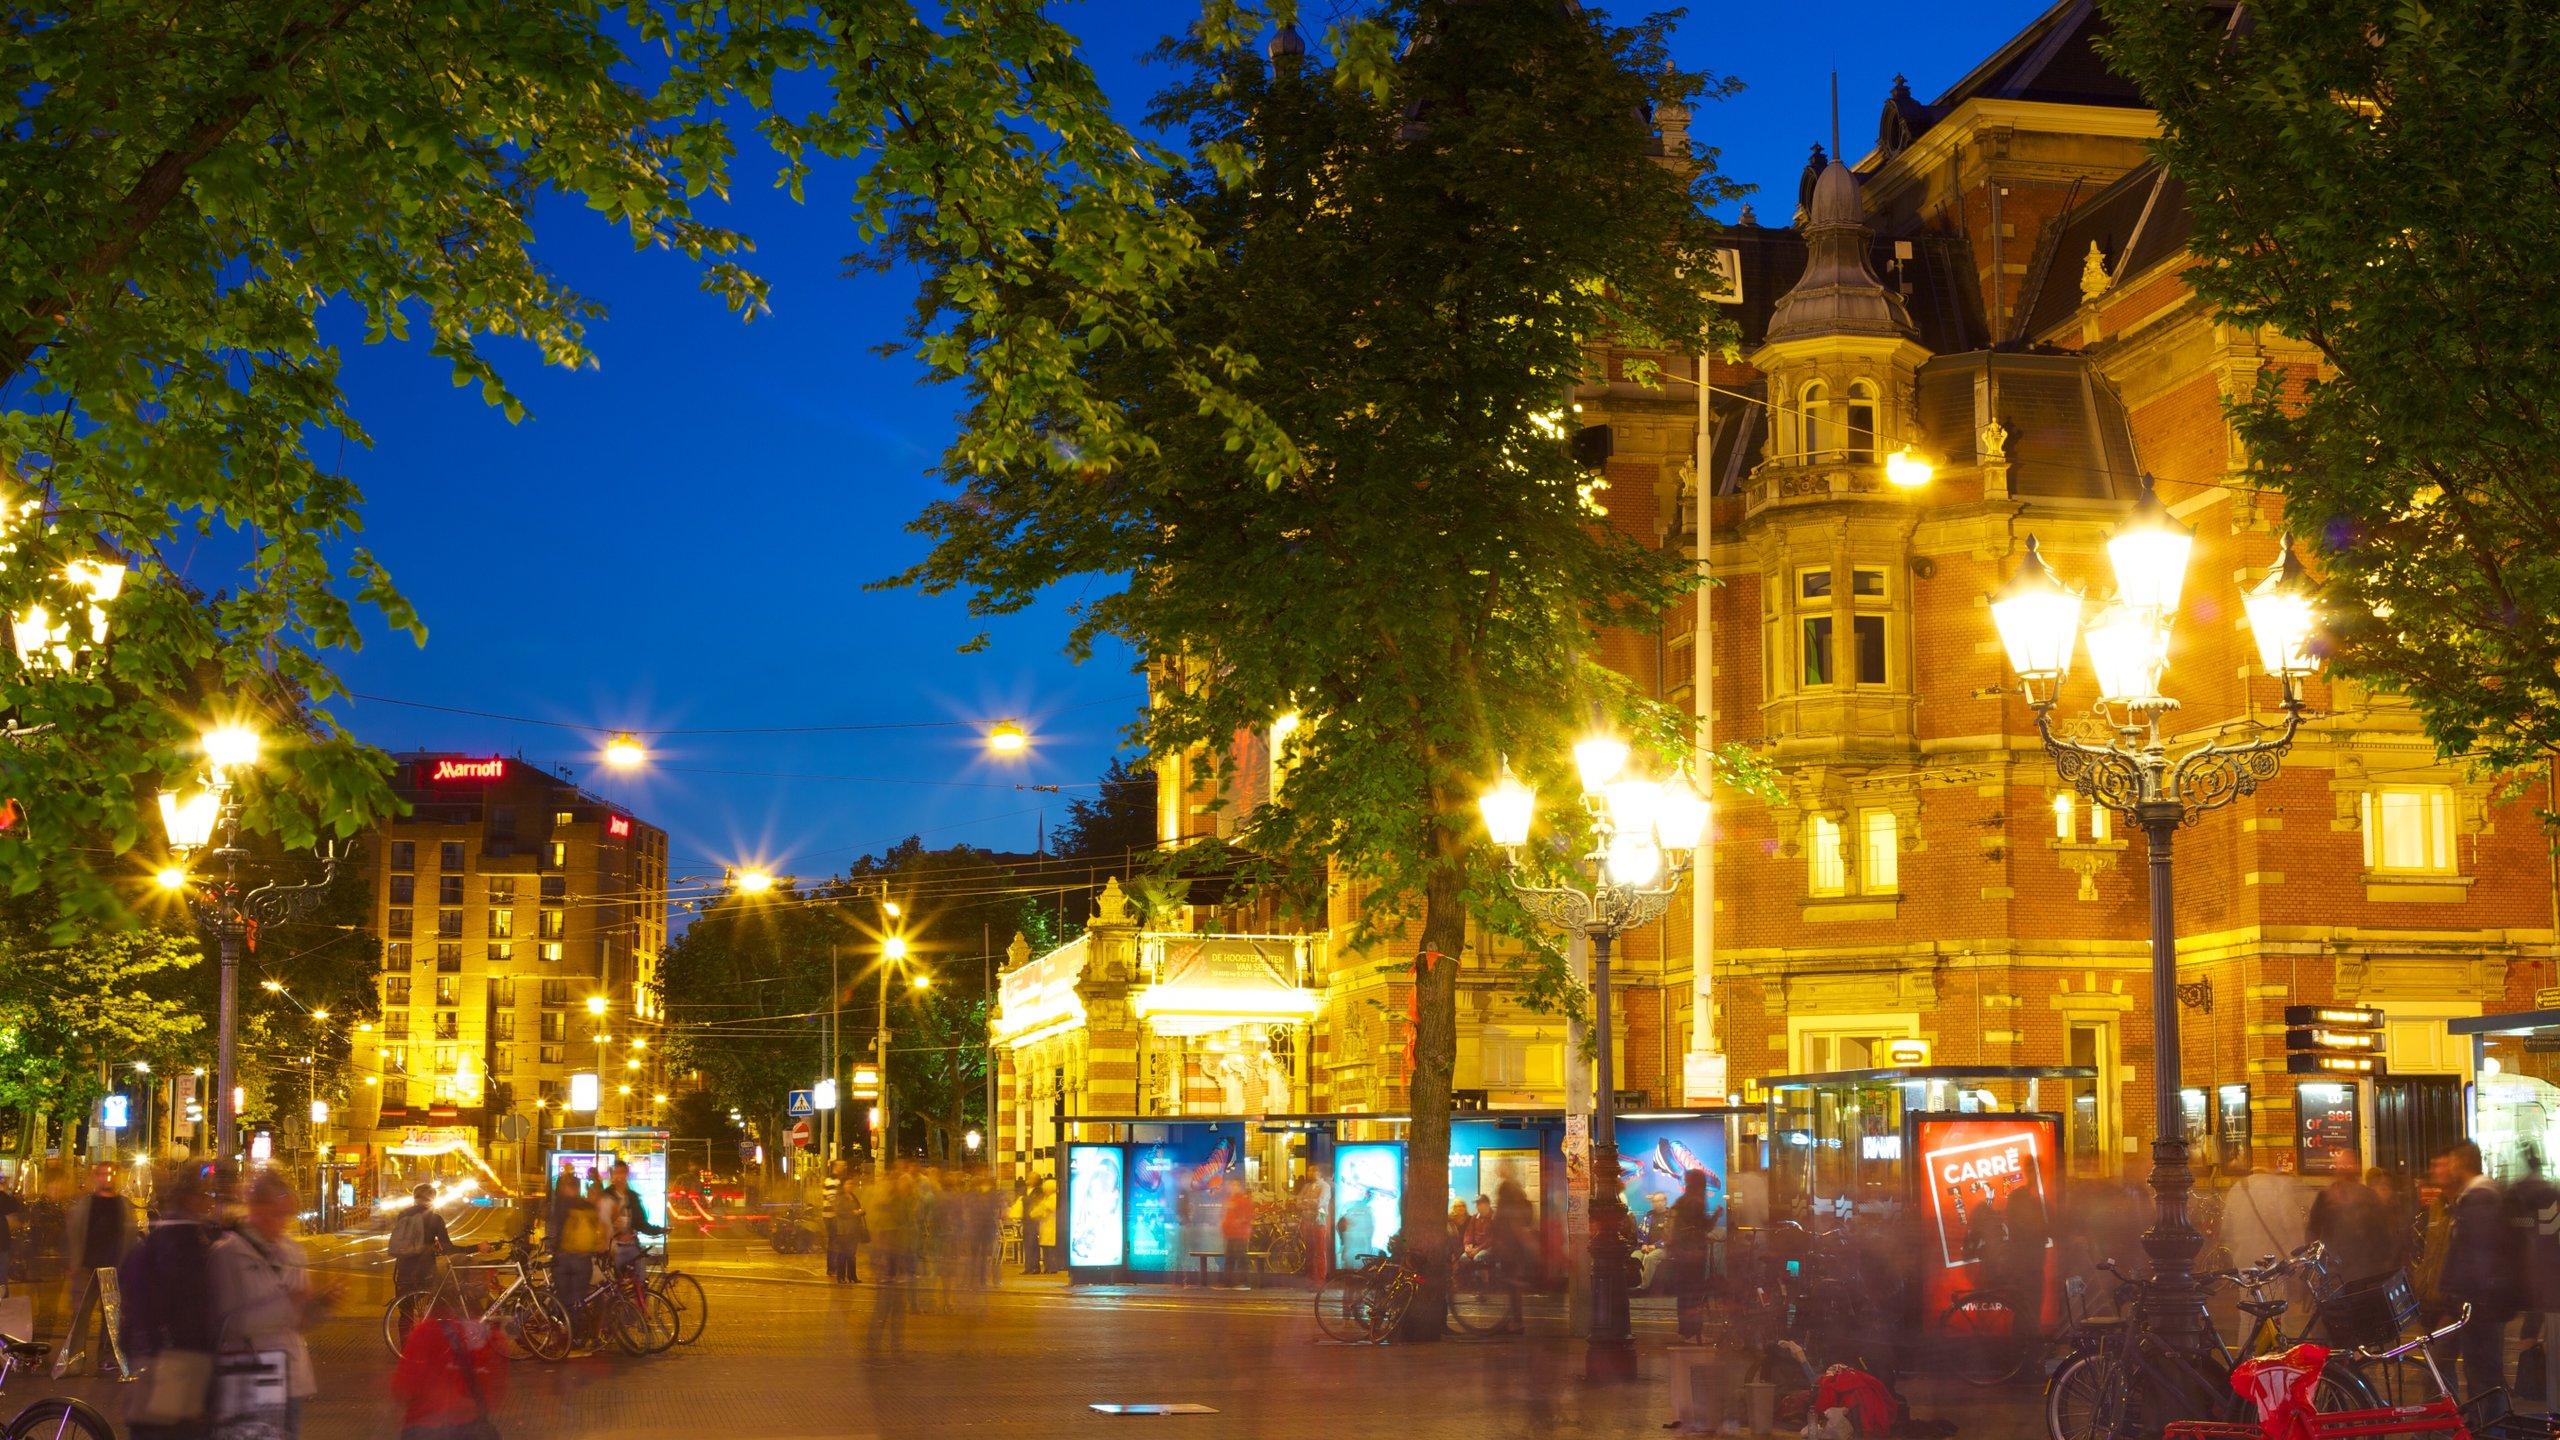 Case vacanze a amsterdam for Case affitto amsterdam economici